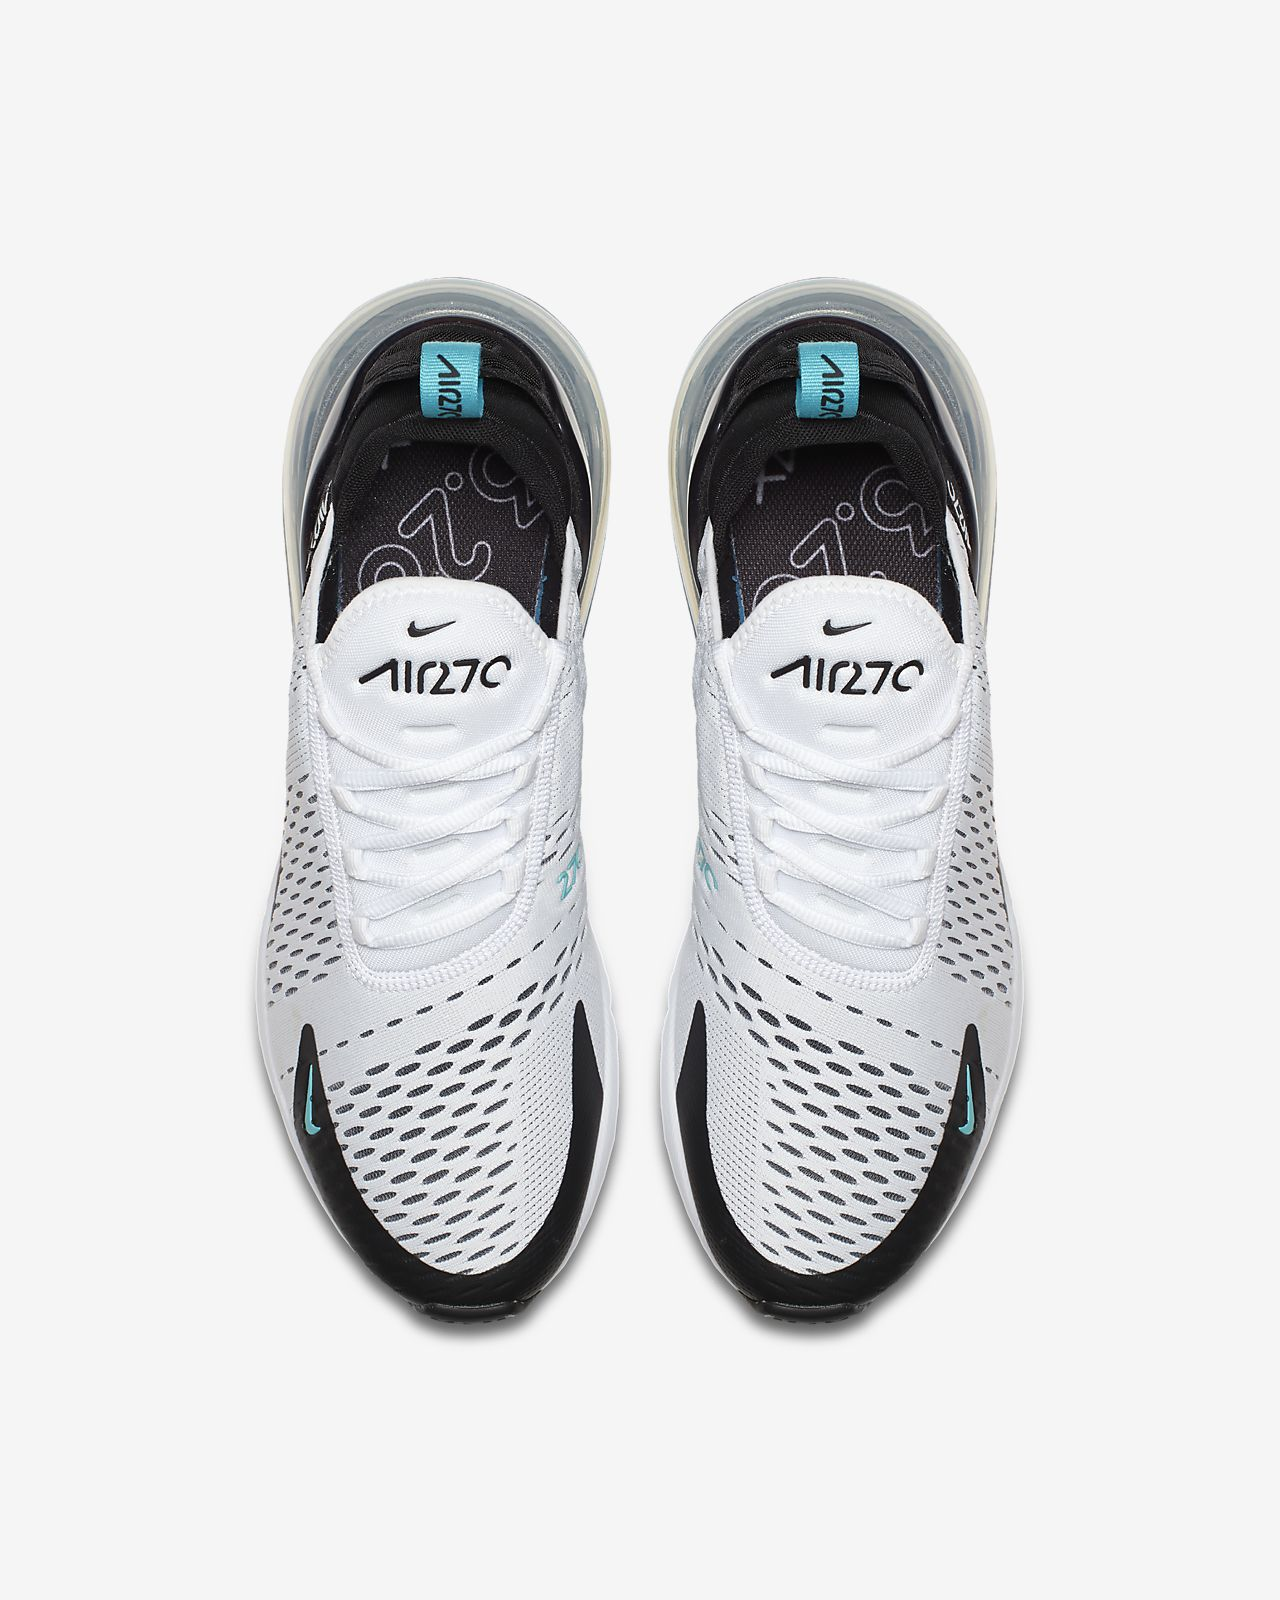 Scarpette Calcetto Nike Air Max 97 Airmax Scarpe Da Corsa Da Donna Uomo New Triple Black Nd Space Purple Have A Day Londra Estate Di Love Mens Trainer